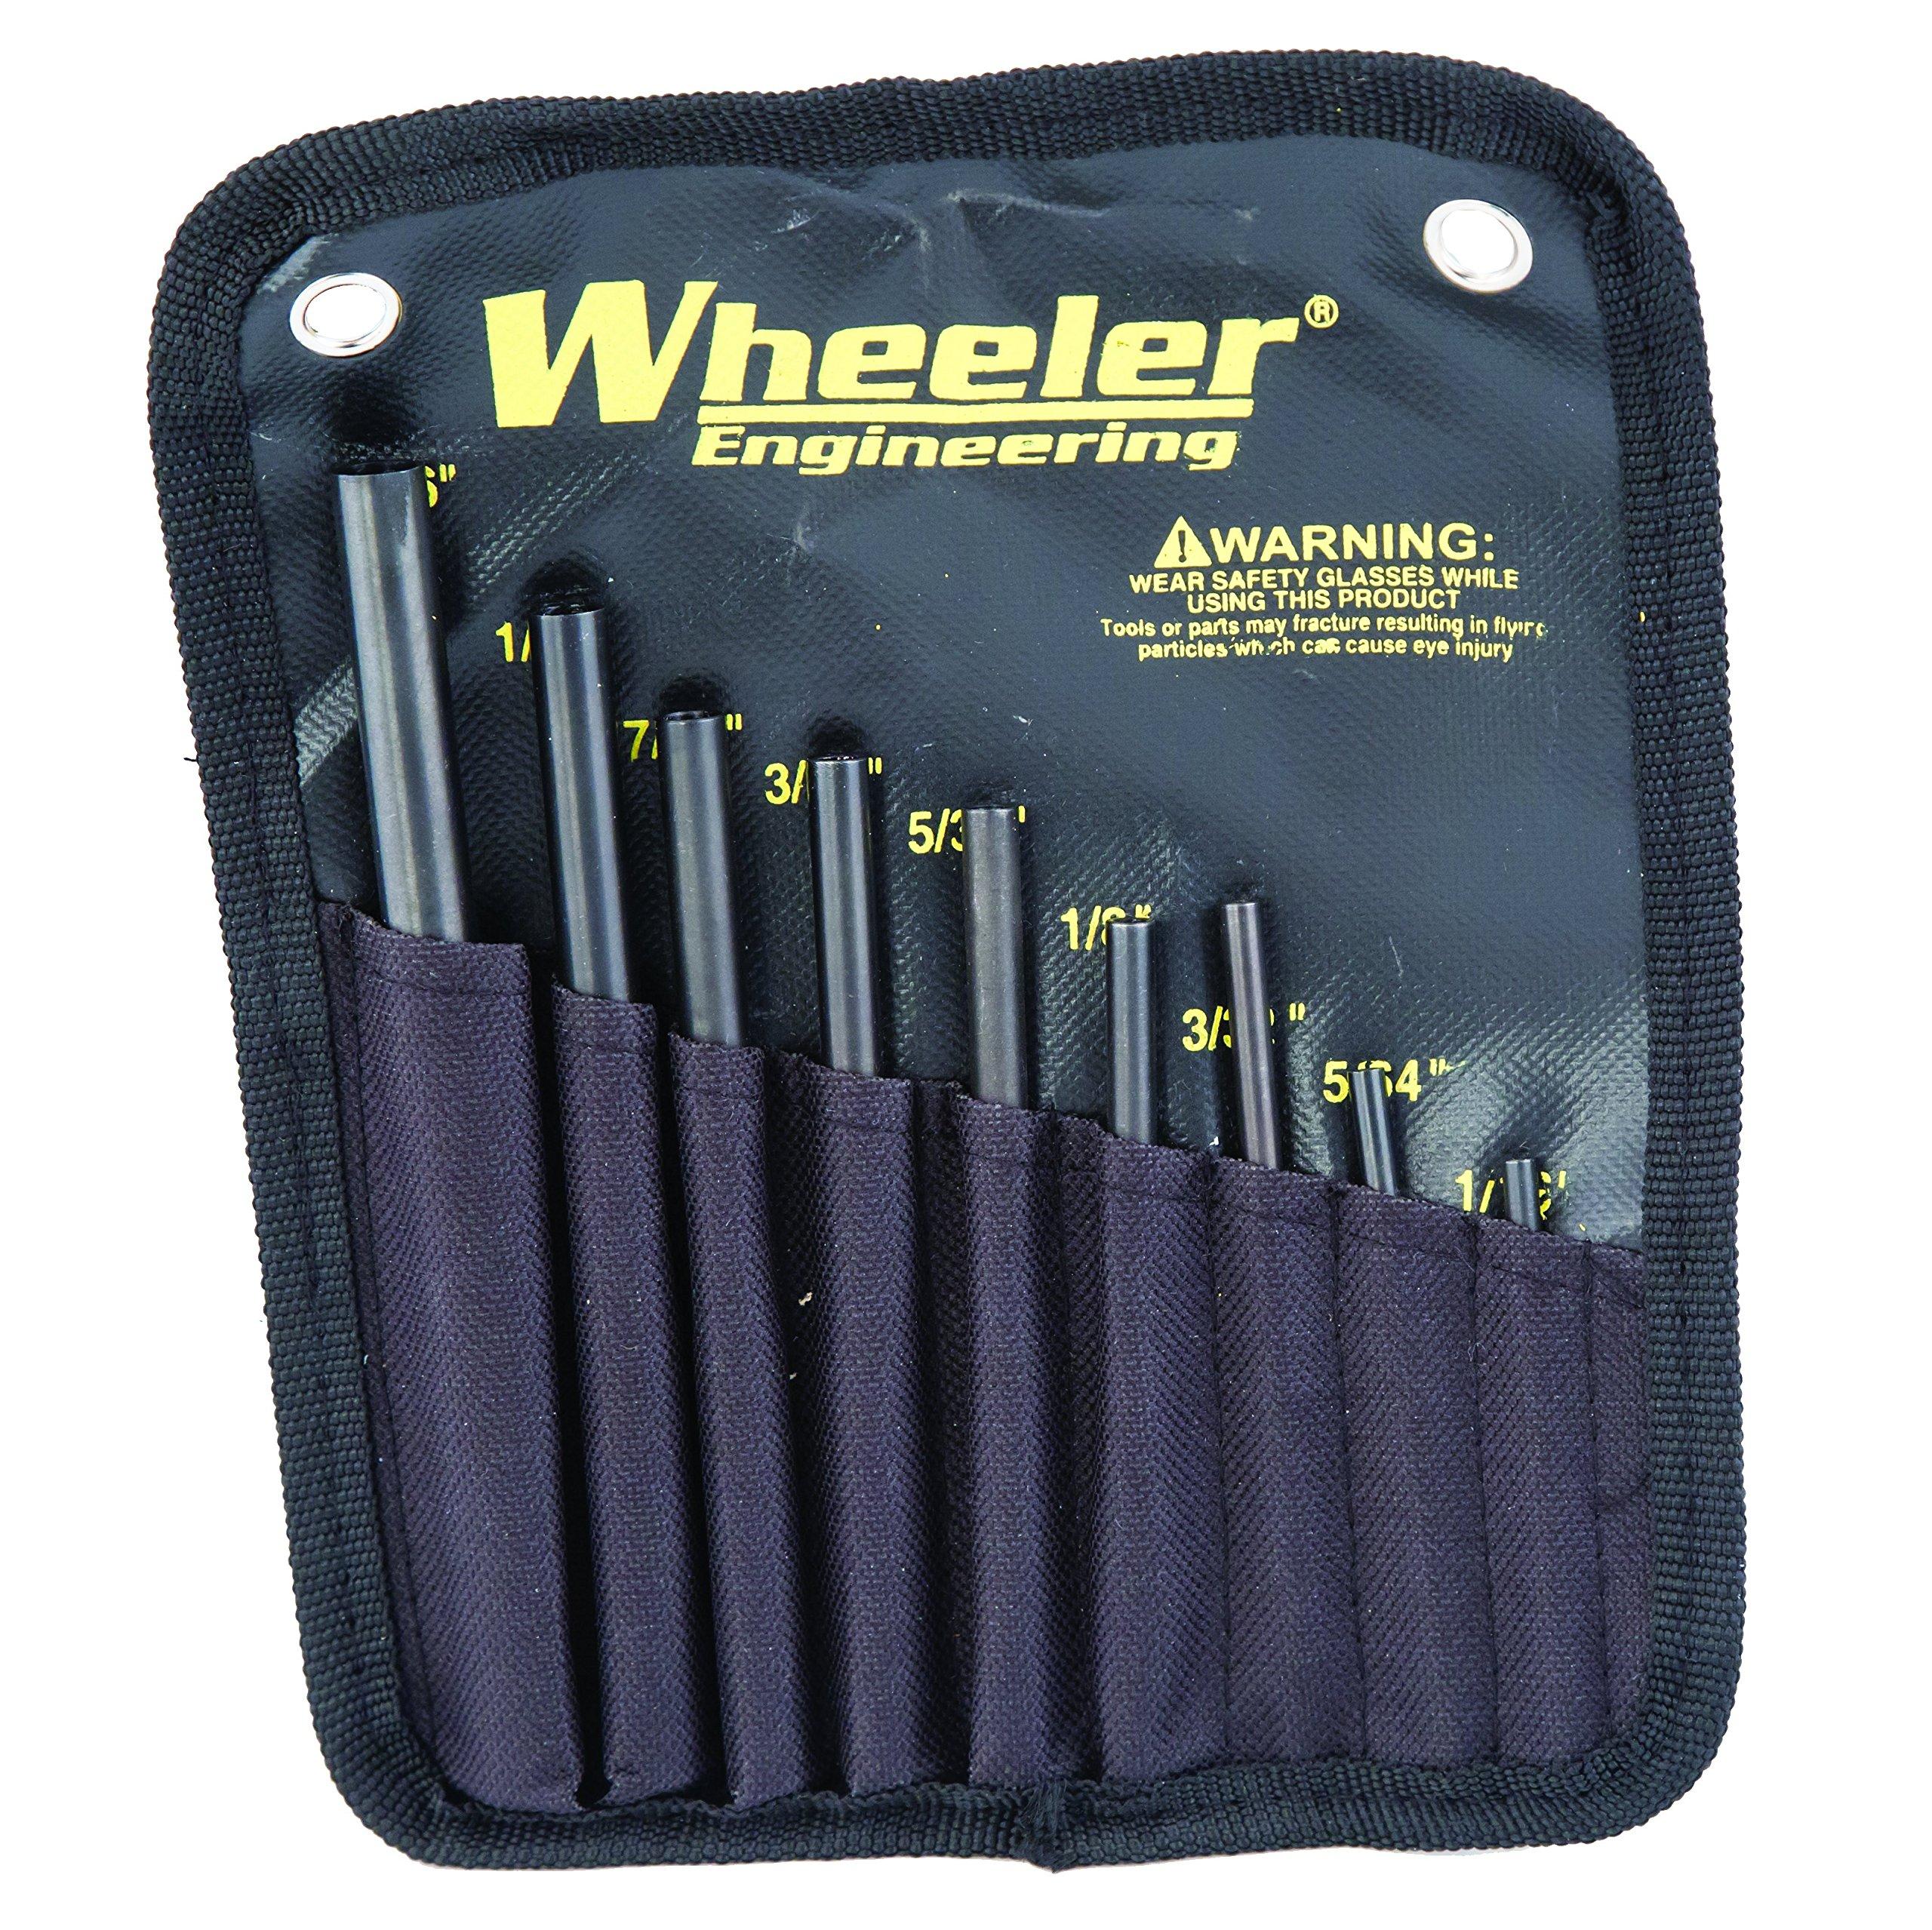 Wheeler Engineering Roll Pin Starter Punch Set by Wheeler (Image #3)